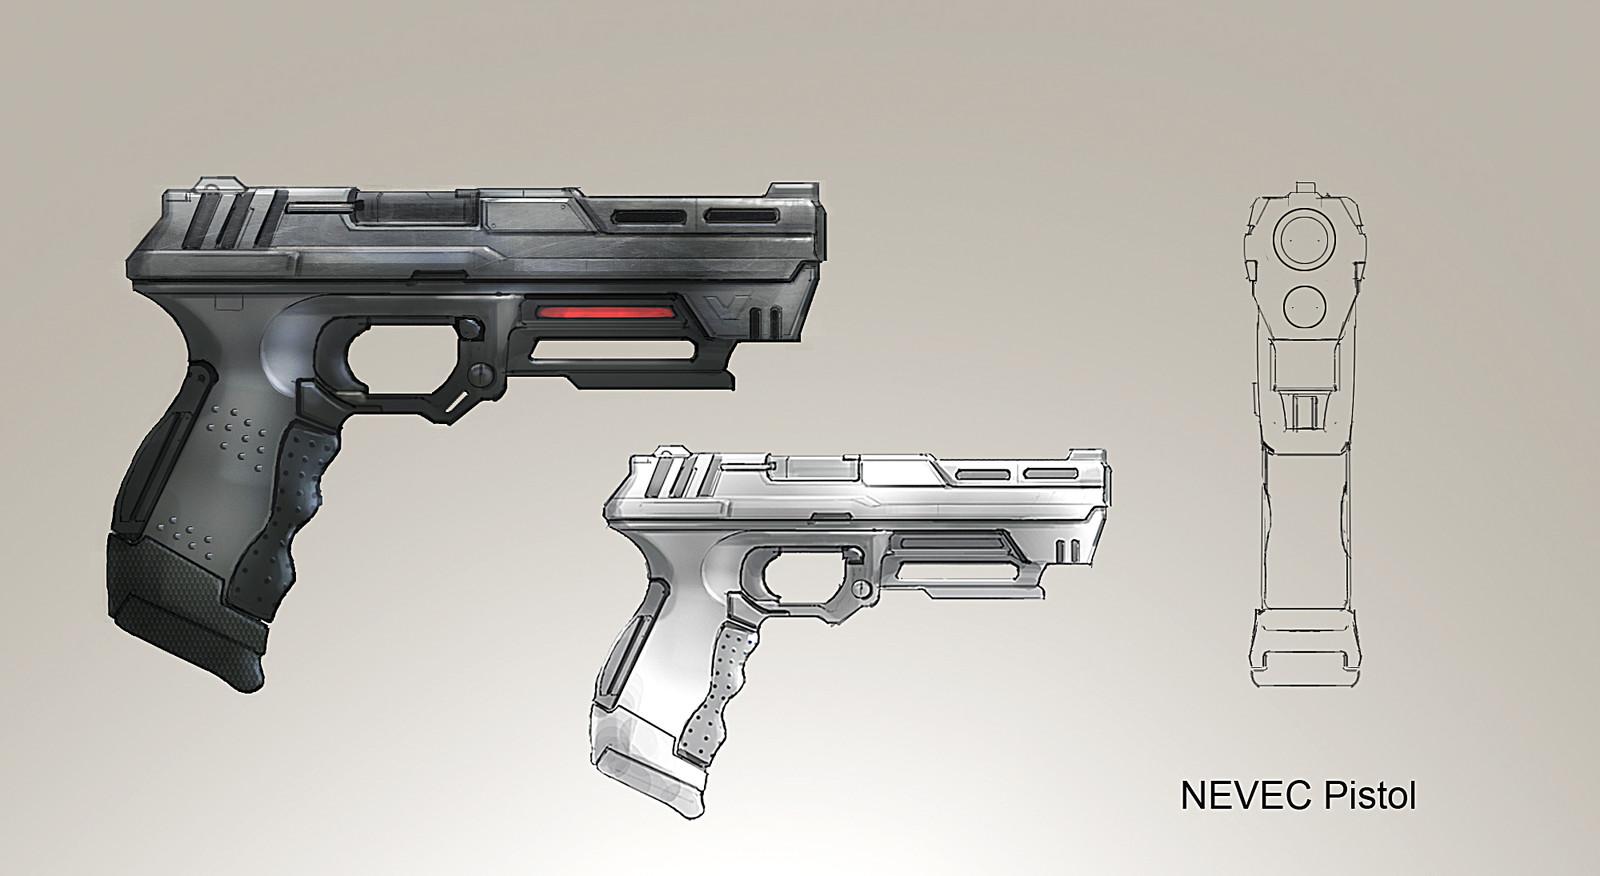 NEVEC pistol